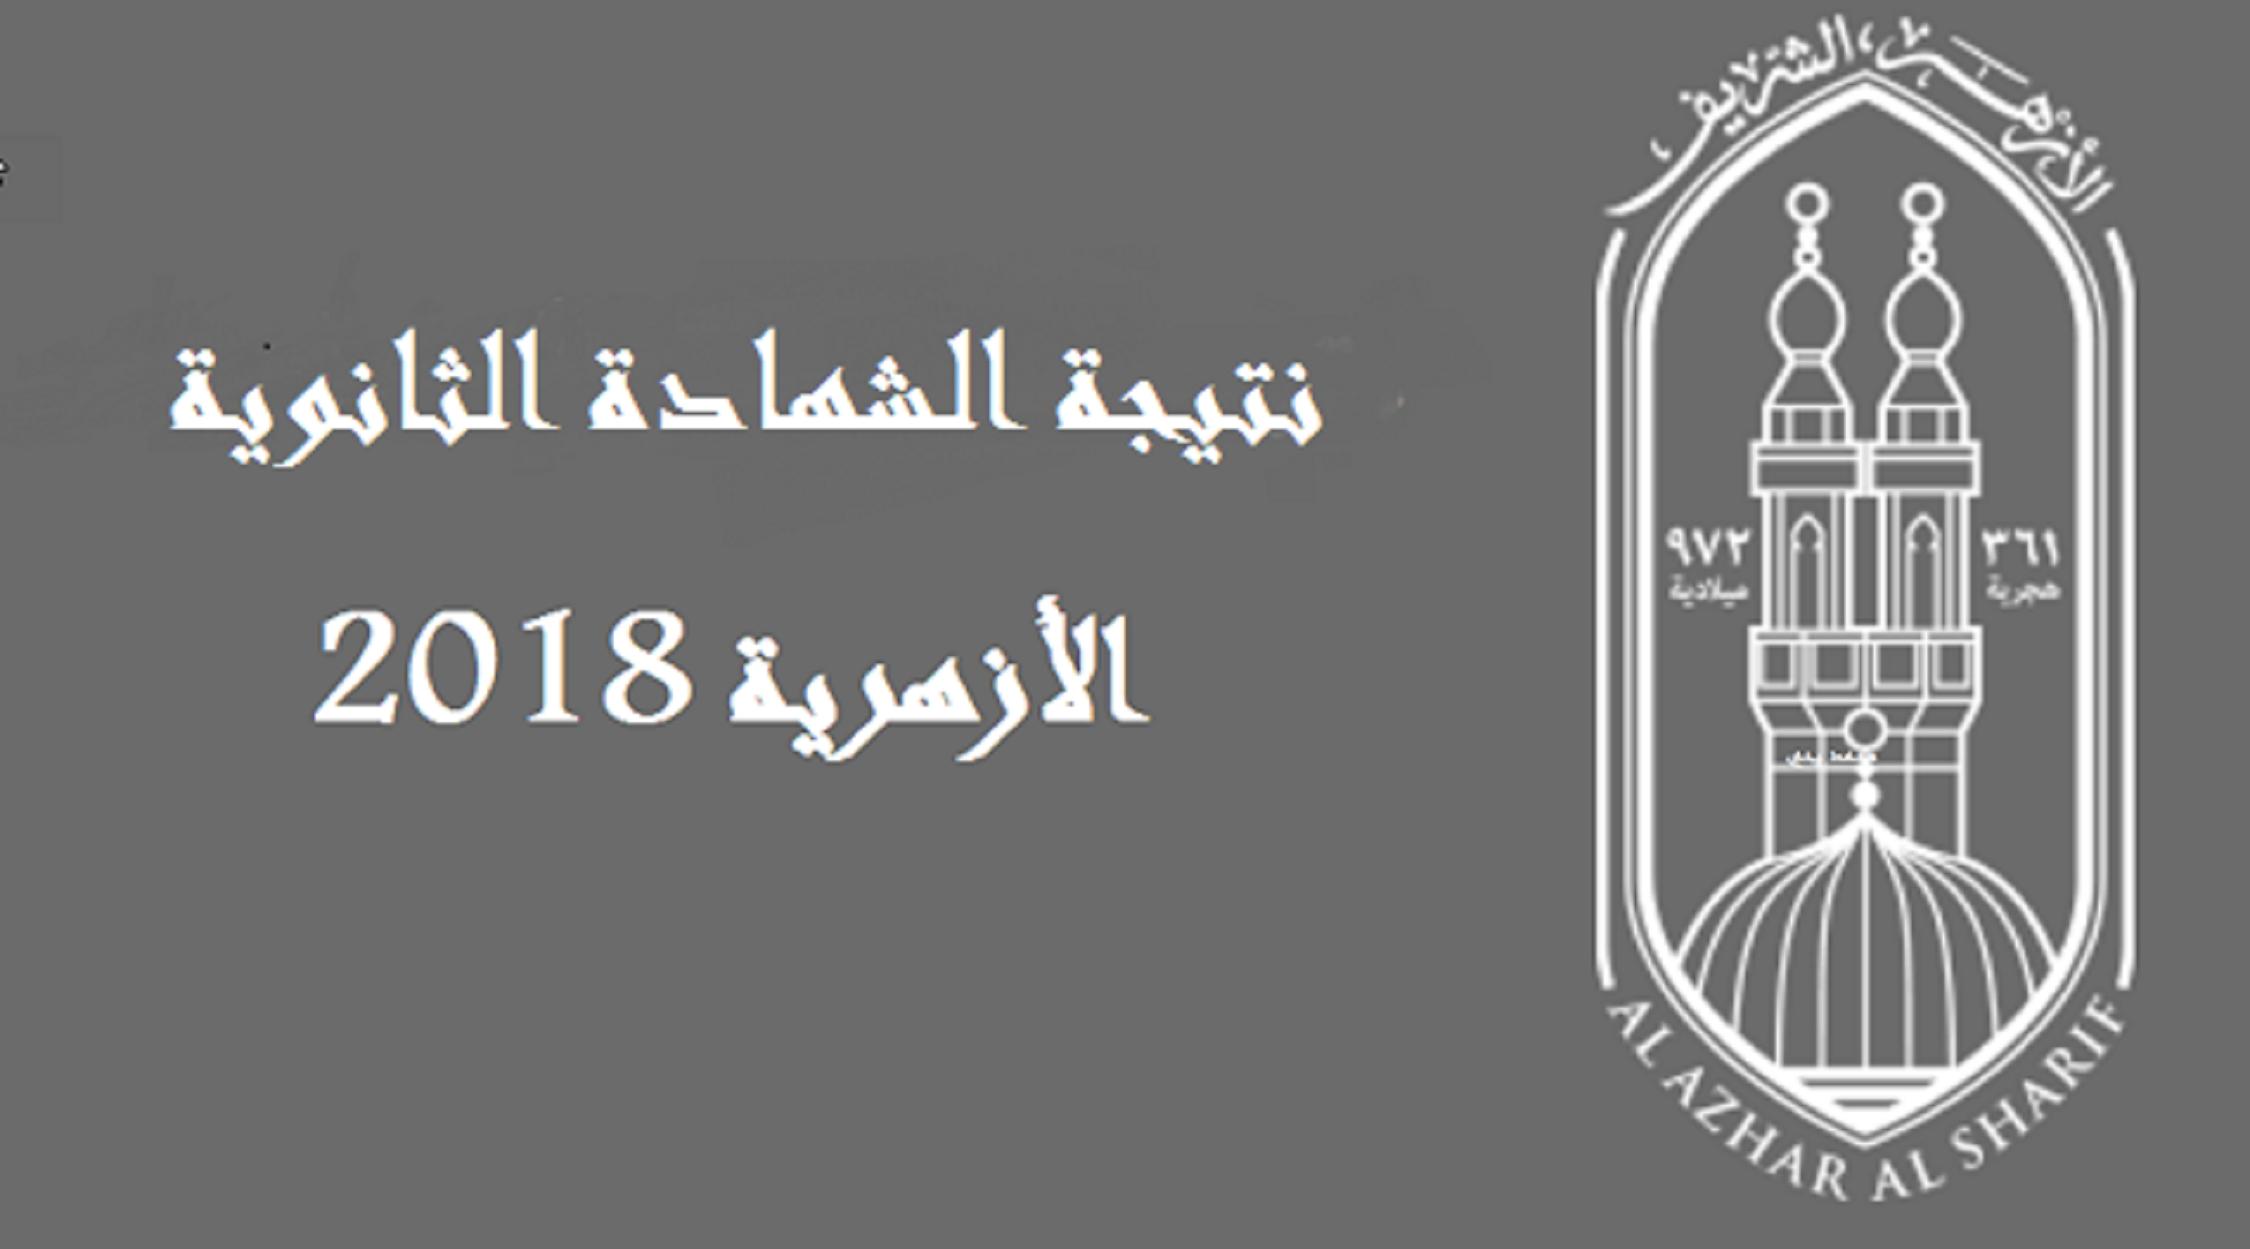 نتيجة الثانوية الأزهرية 2018 في مصر